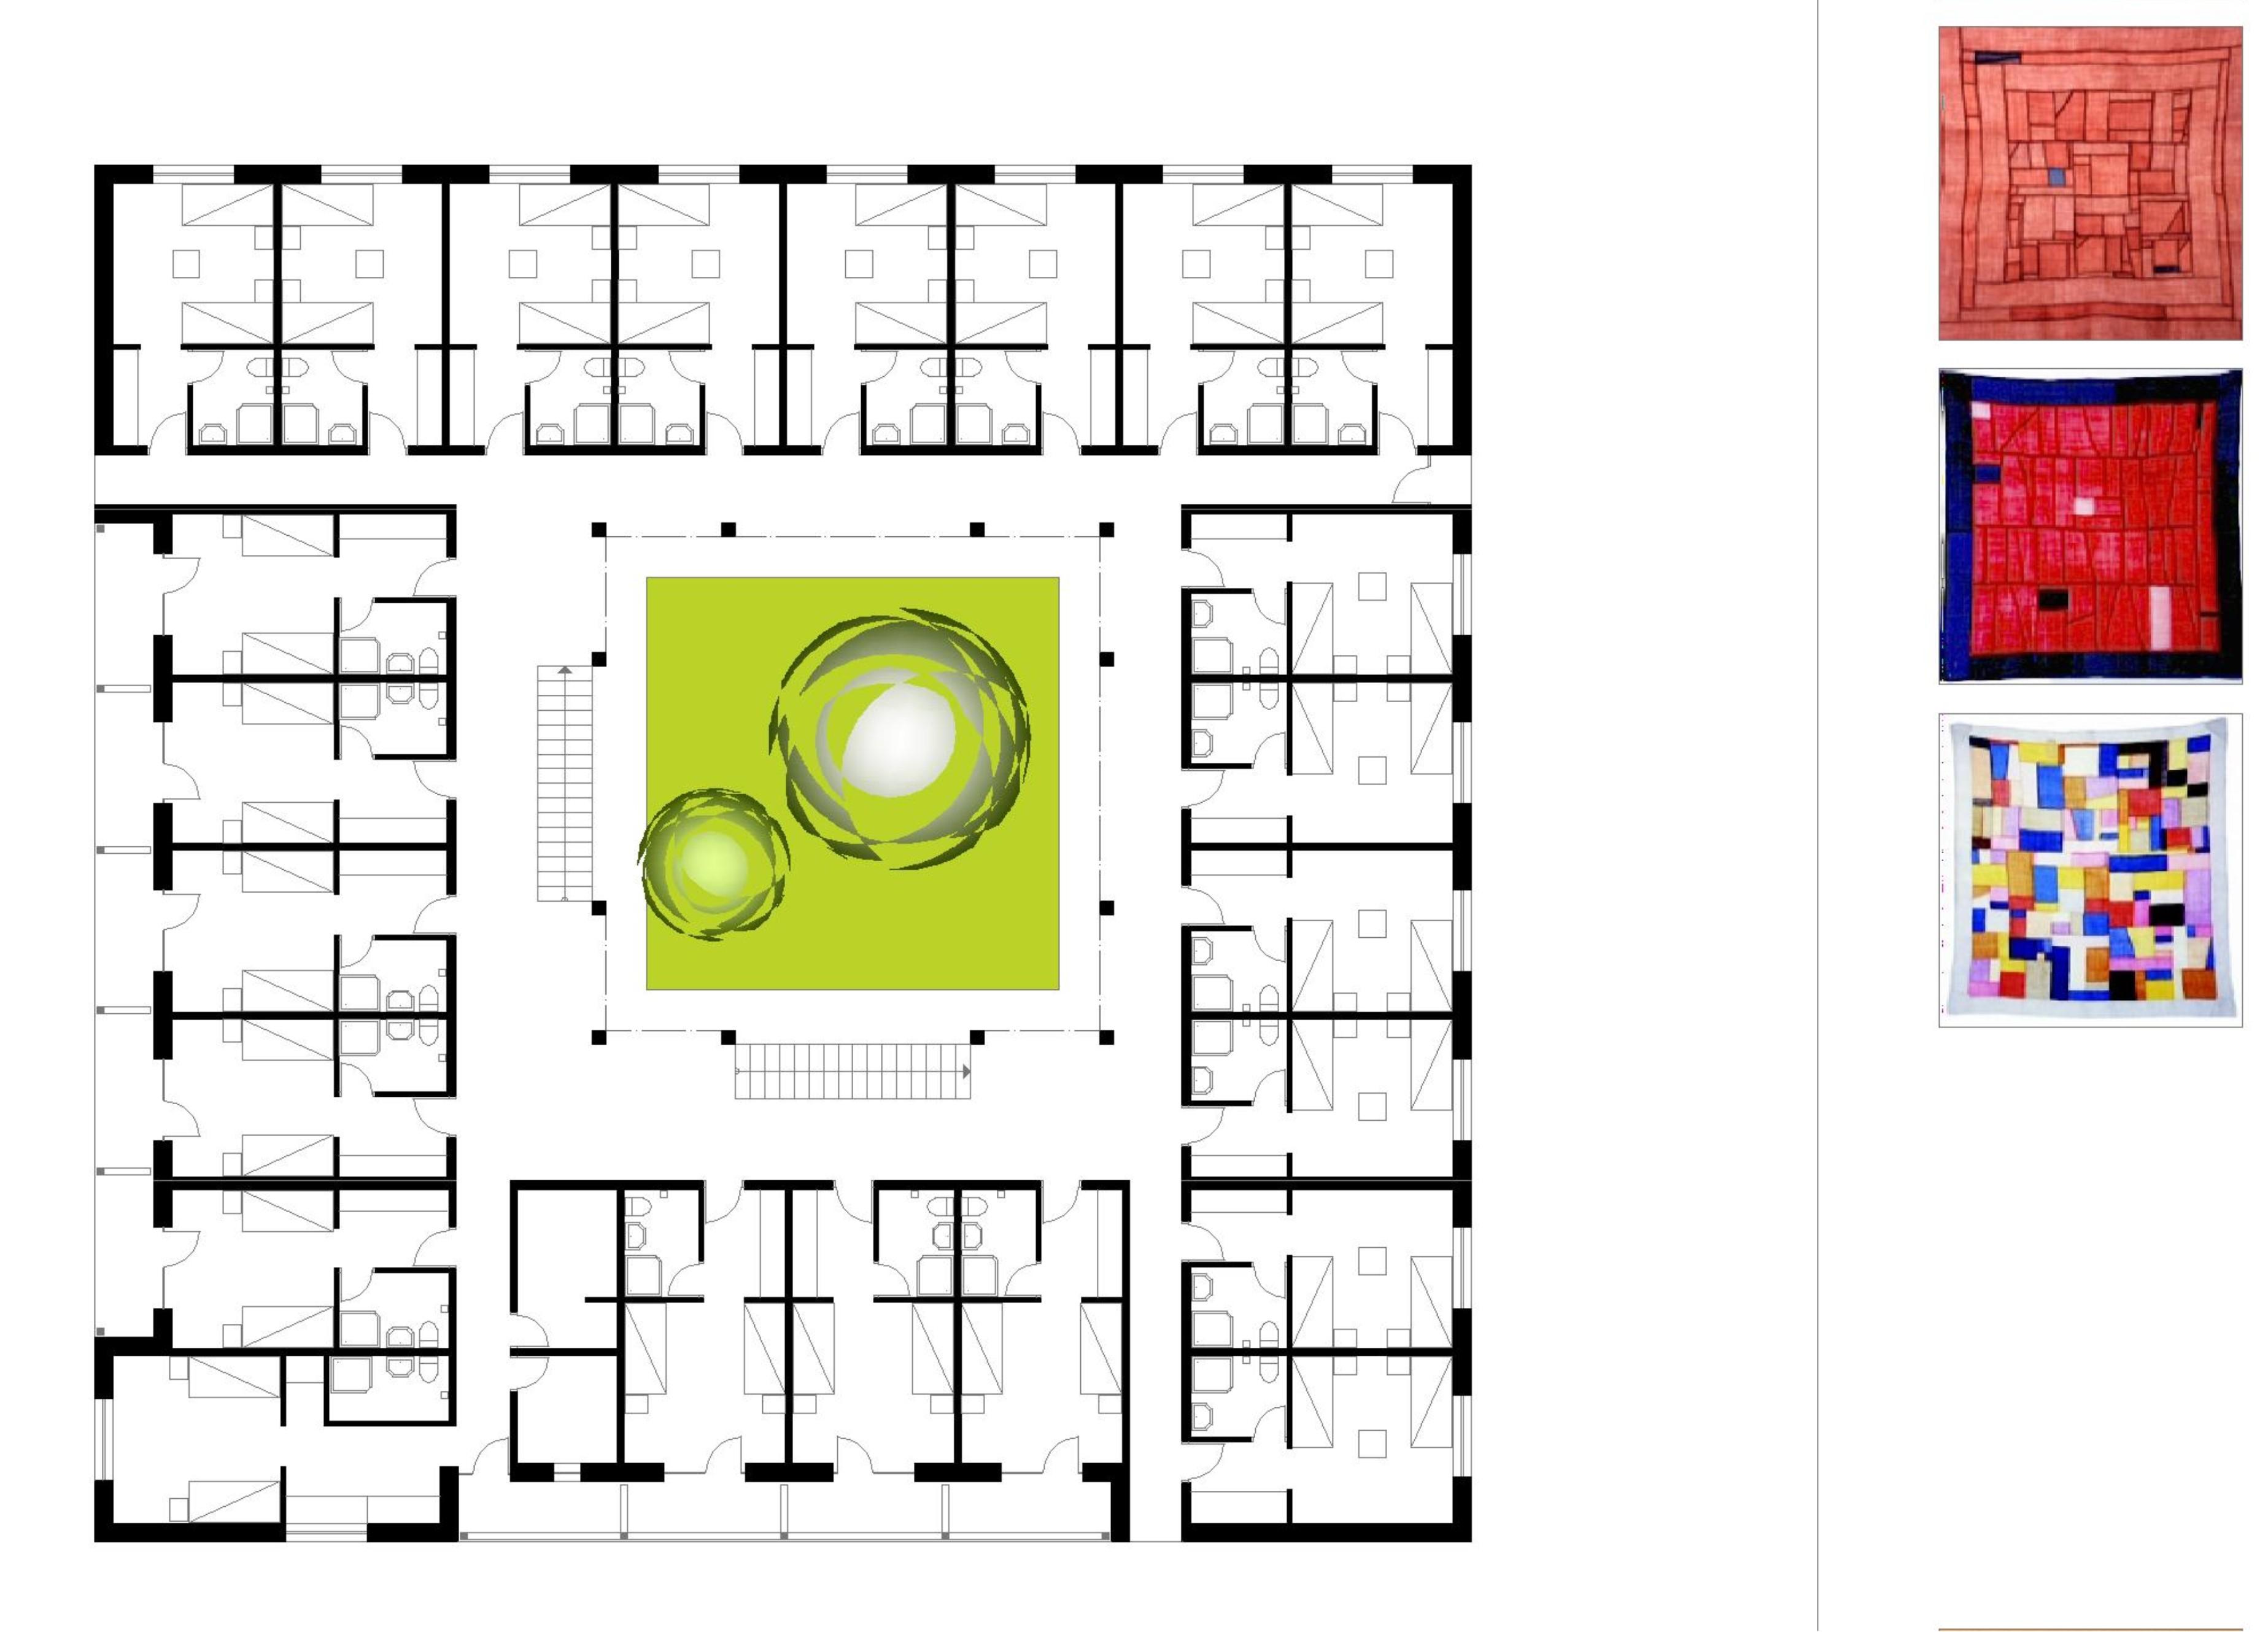 Štúdia stavby penziónu Square 07